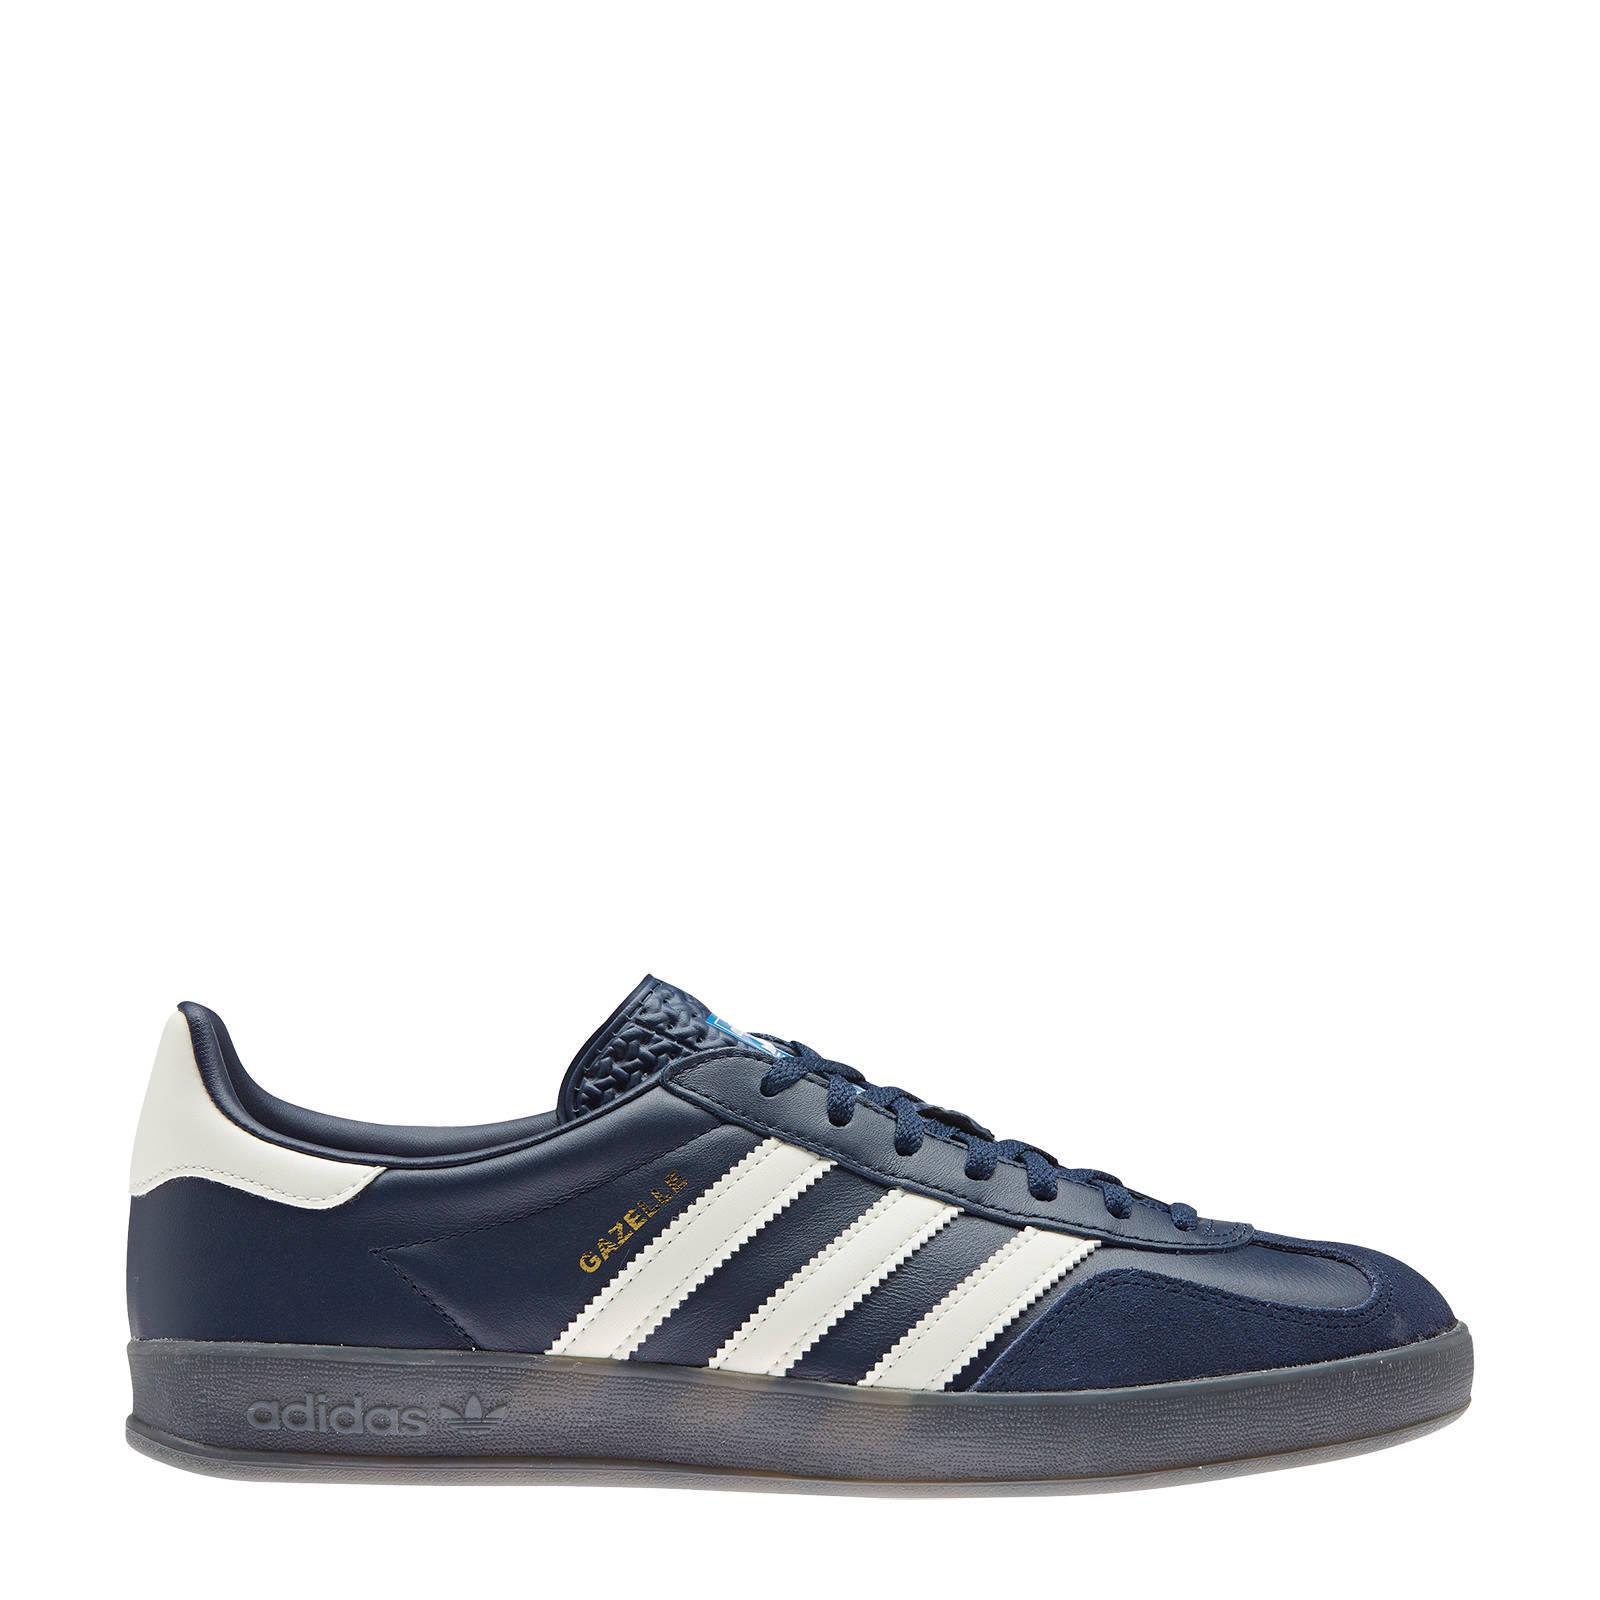 adidas Originals Gazelle Indoor sneakers donkerblauwwit